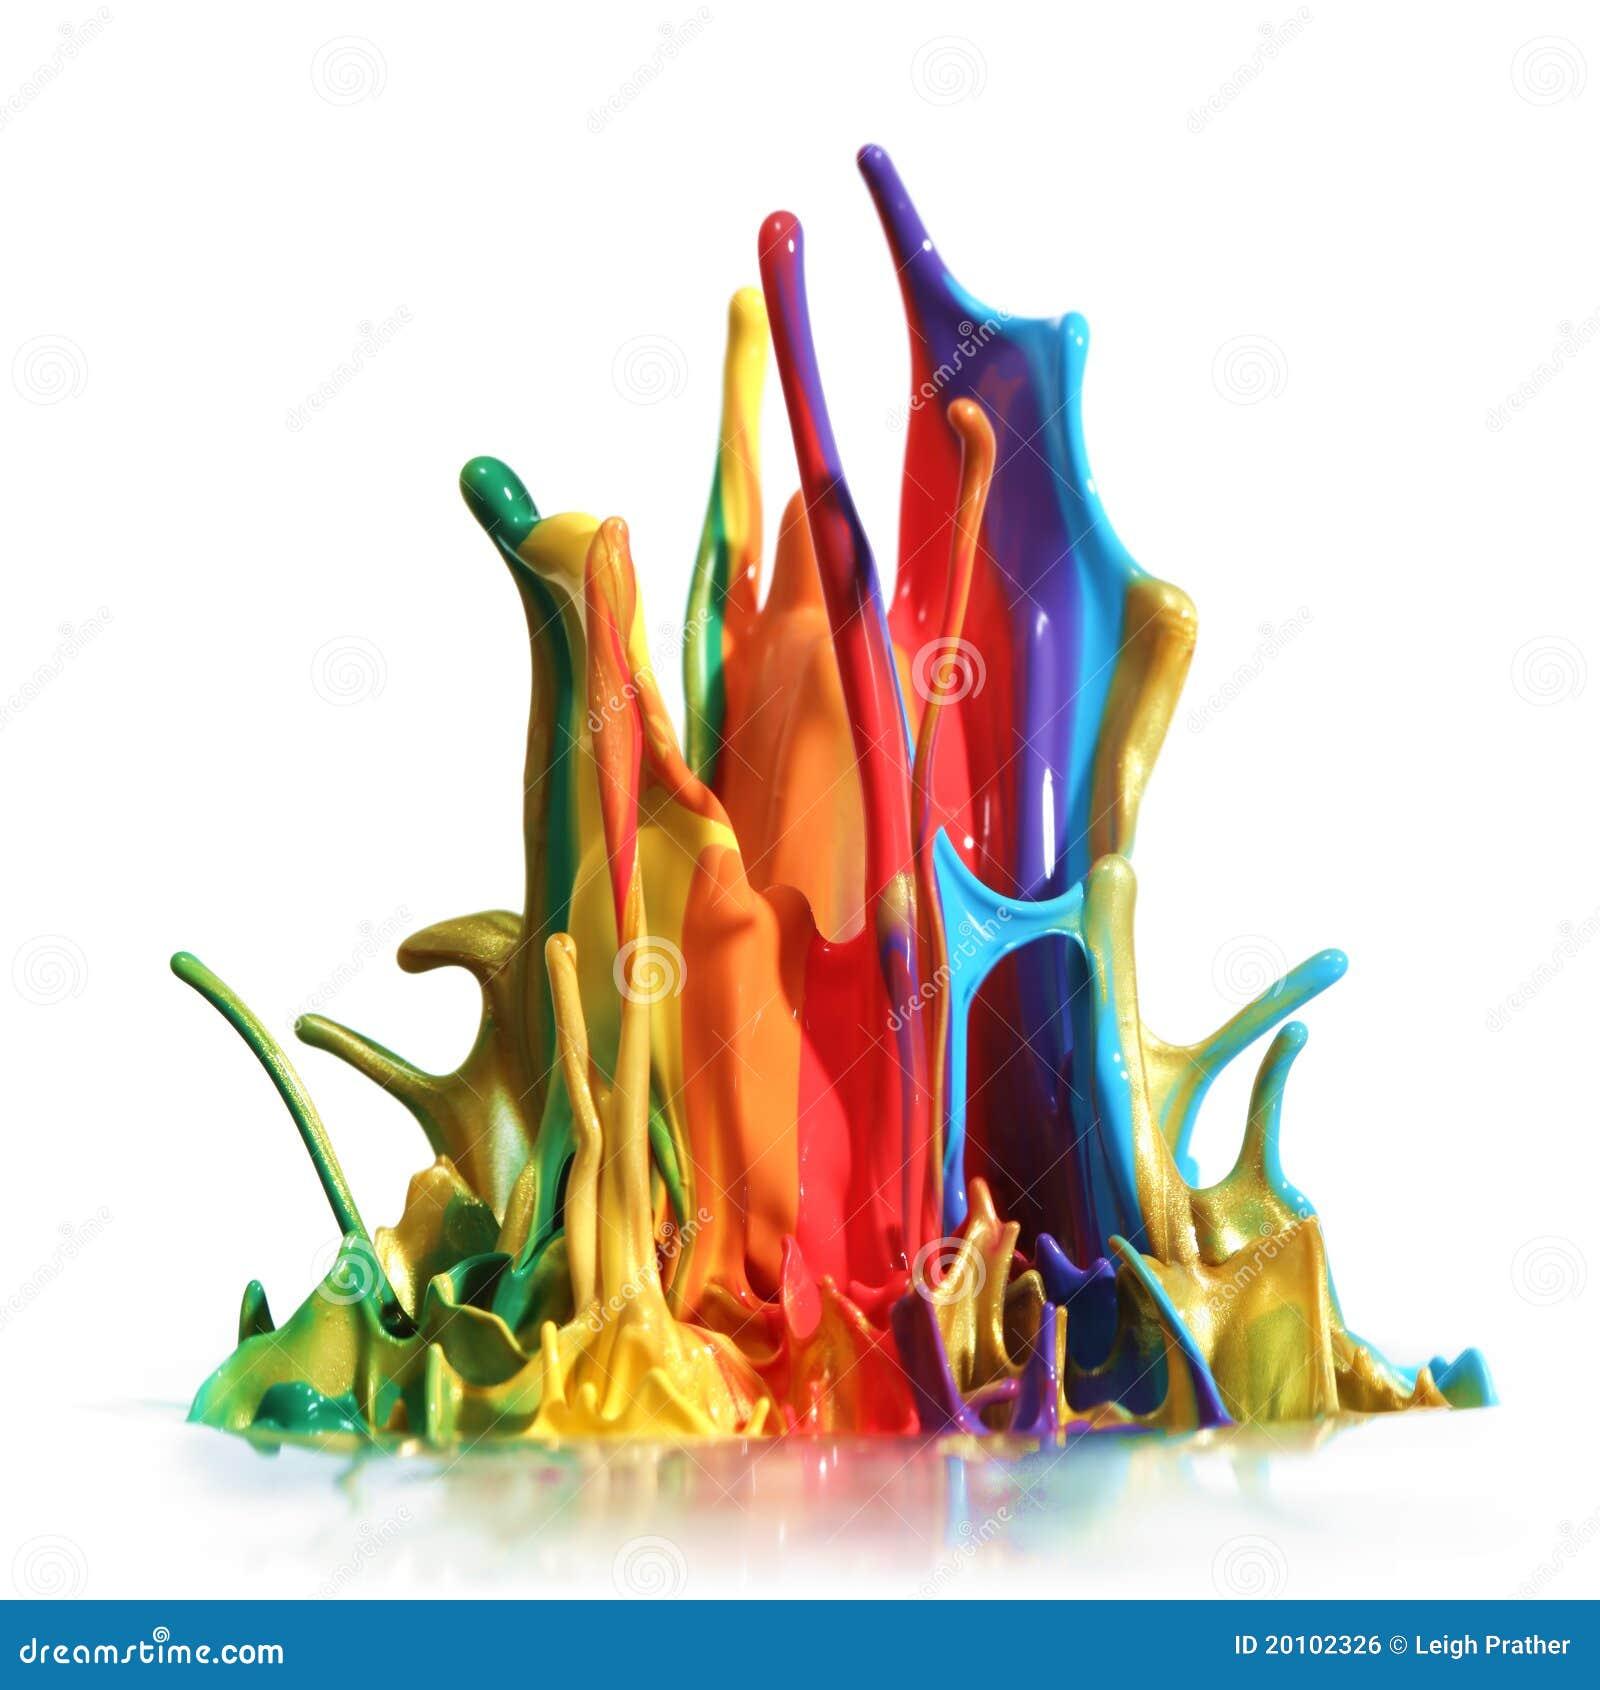 Exceptionnel Éclaboussement Coloré De Peinture Image libre de droits - Image  LQ74